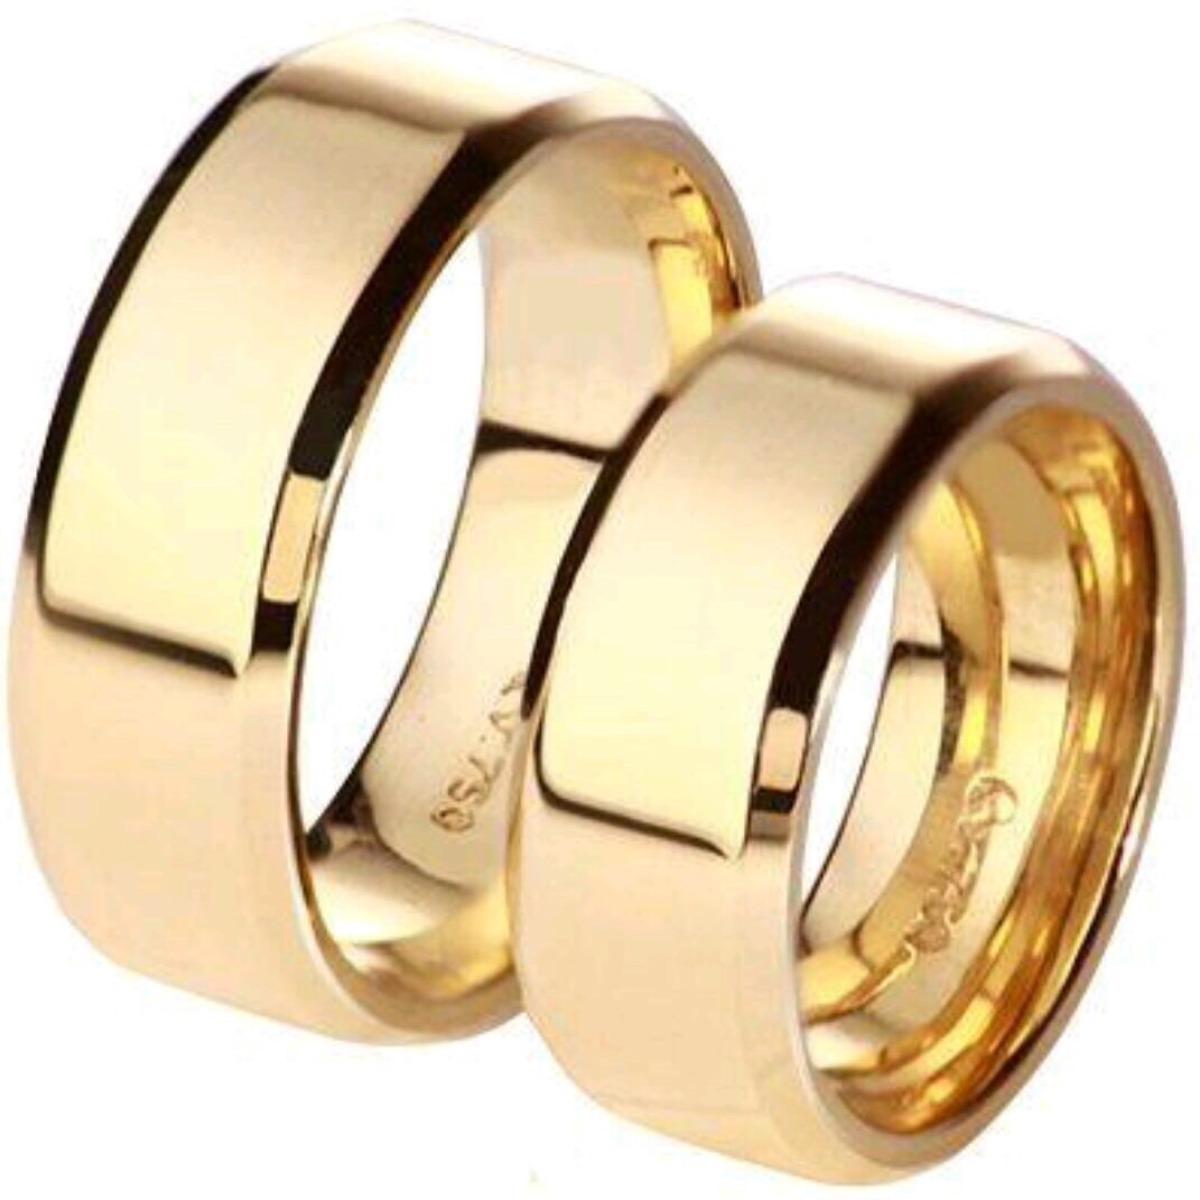 6887d118458 Par de aliança em ouro modelo italiano luxo jpg 1200x1200 Modelos de  aliancas